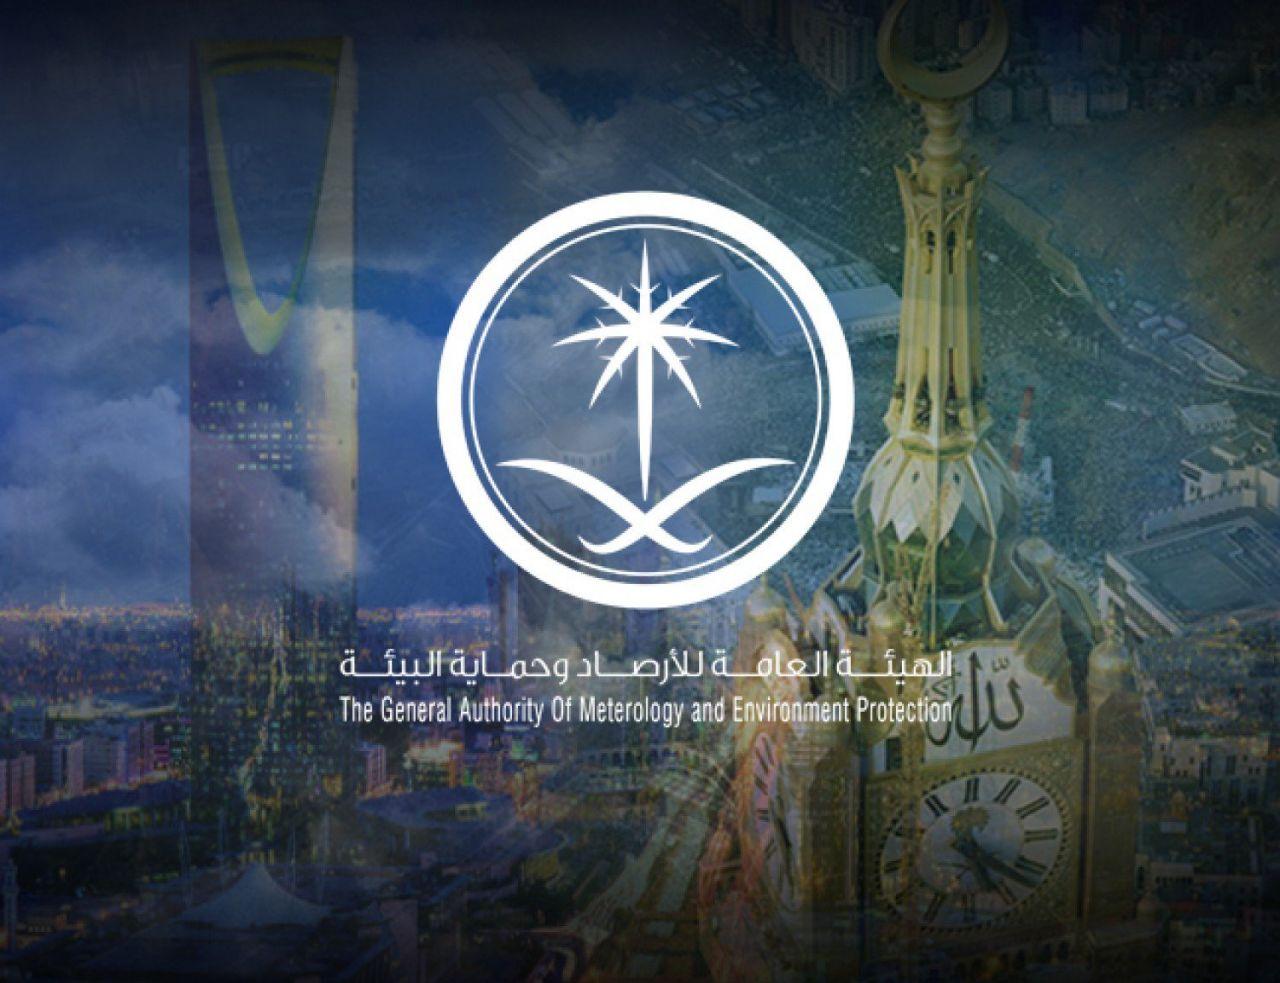 حالة الطقس المتوقعة ليوم الخميس في المملكة